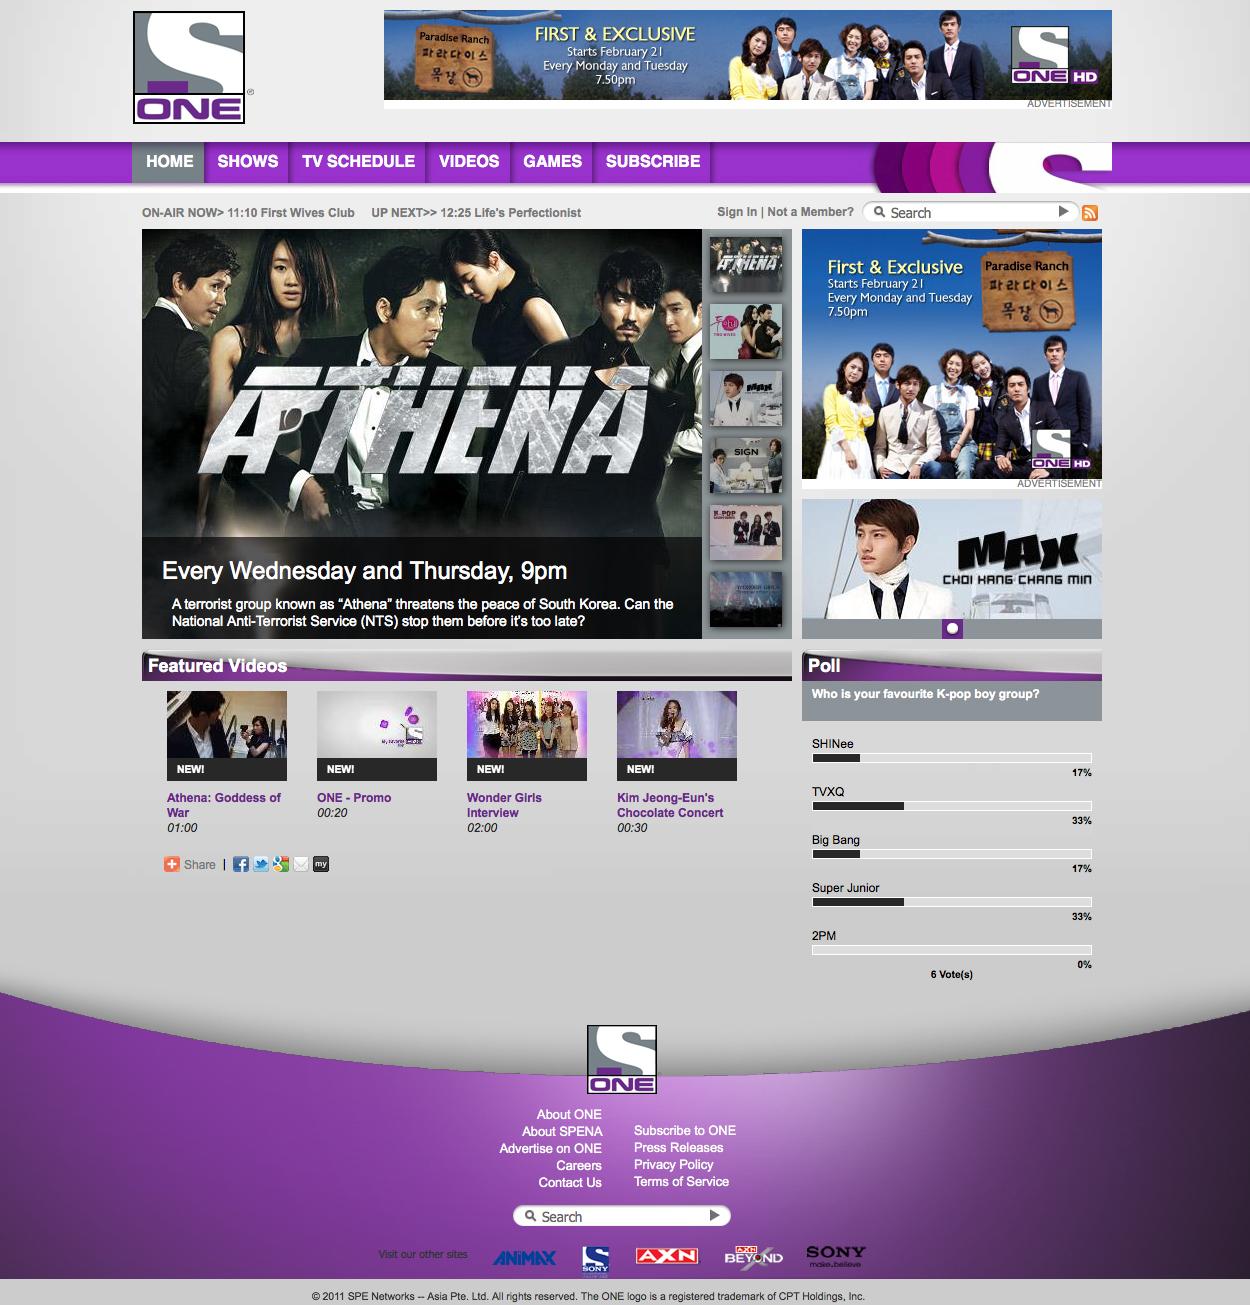 ONETVAsia.com